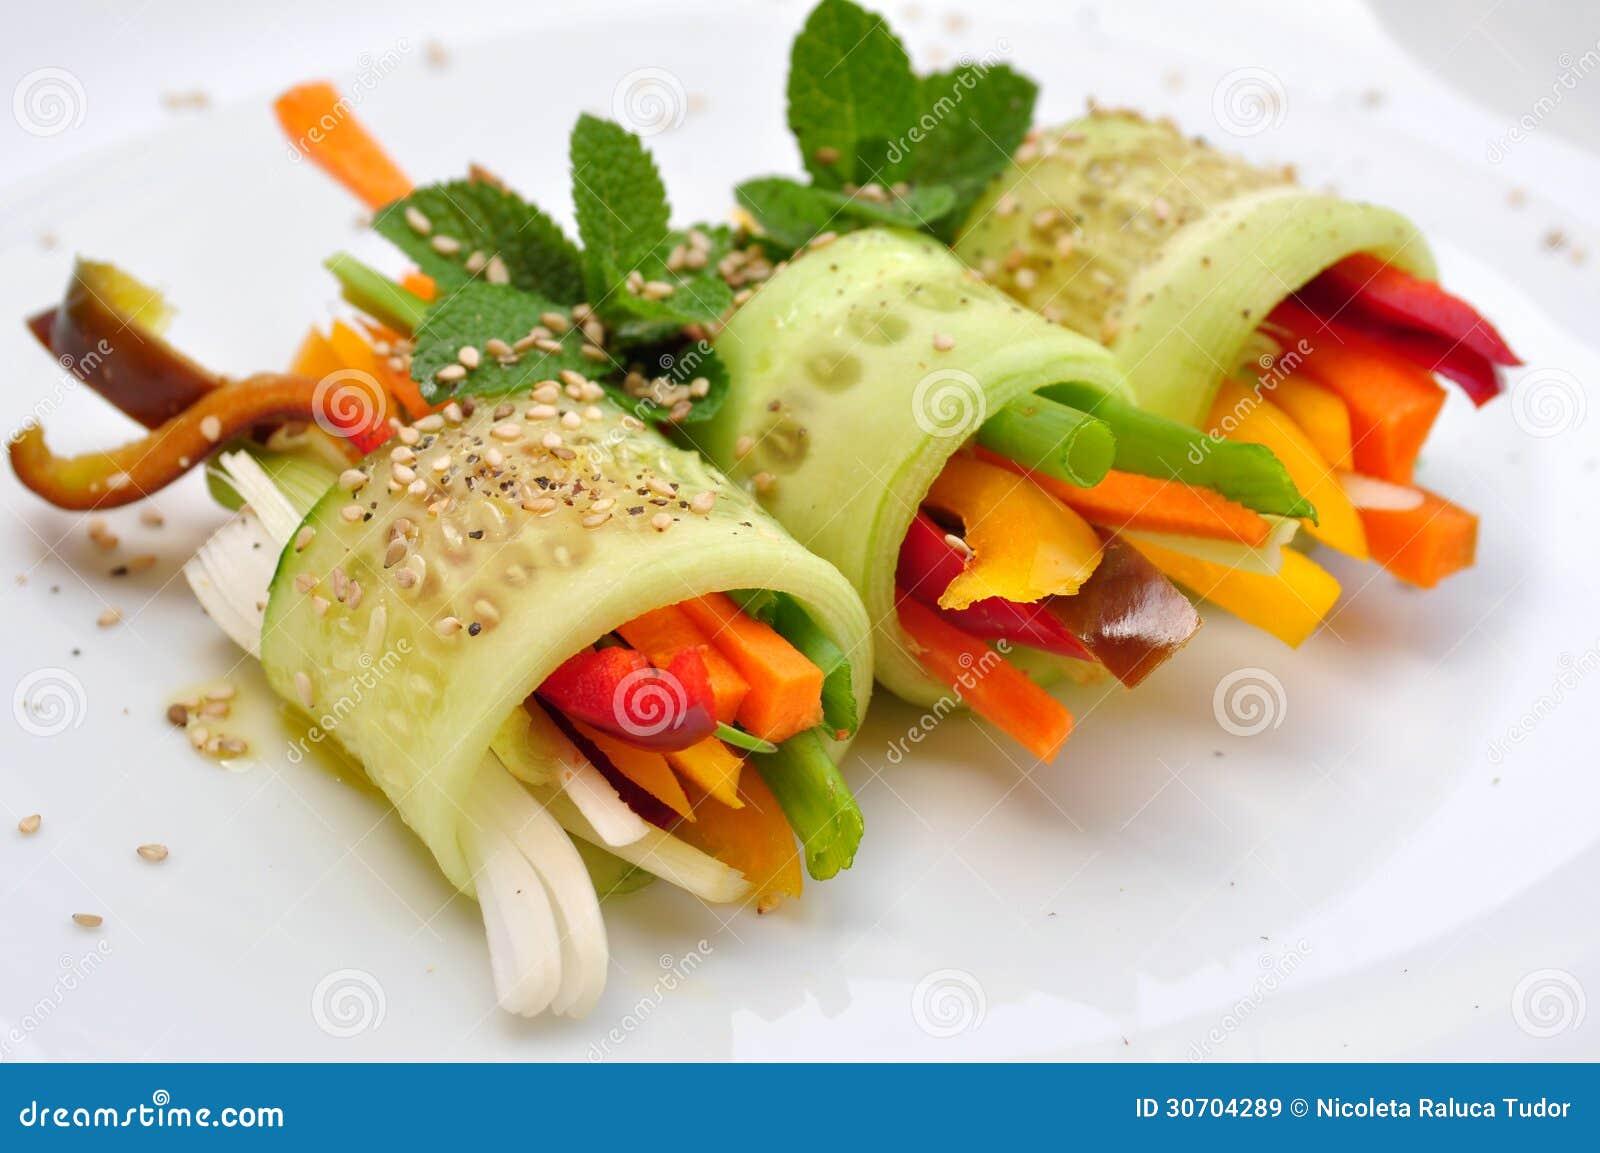 Receita crua do alimento com pepino, pimenta, cebola e cenoura